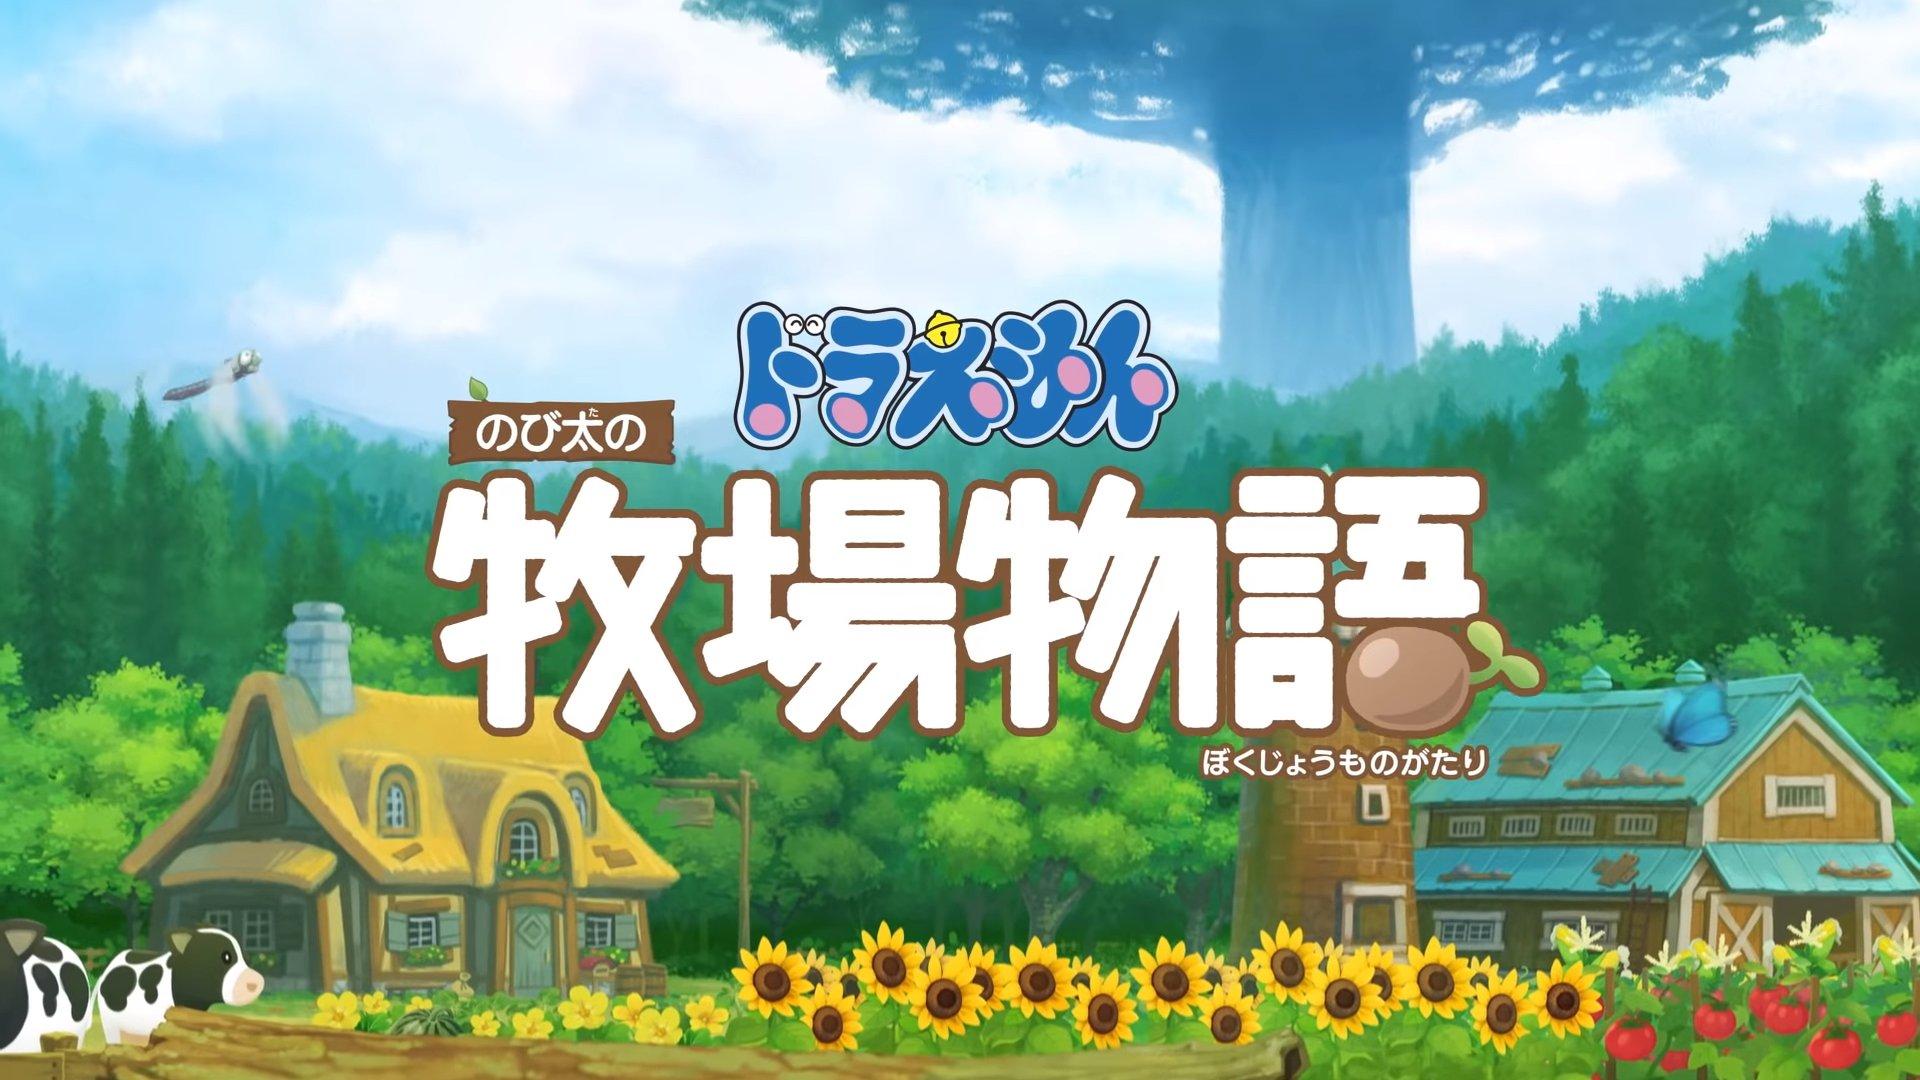 バンナム「Steamでアニメ系ゲームセールするで!ワンピもNARUTOもDBもあるでー!」